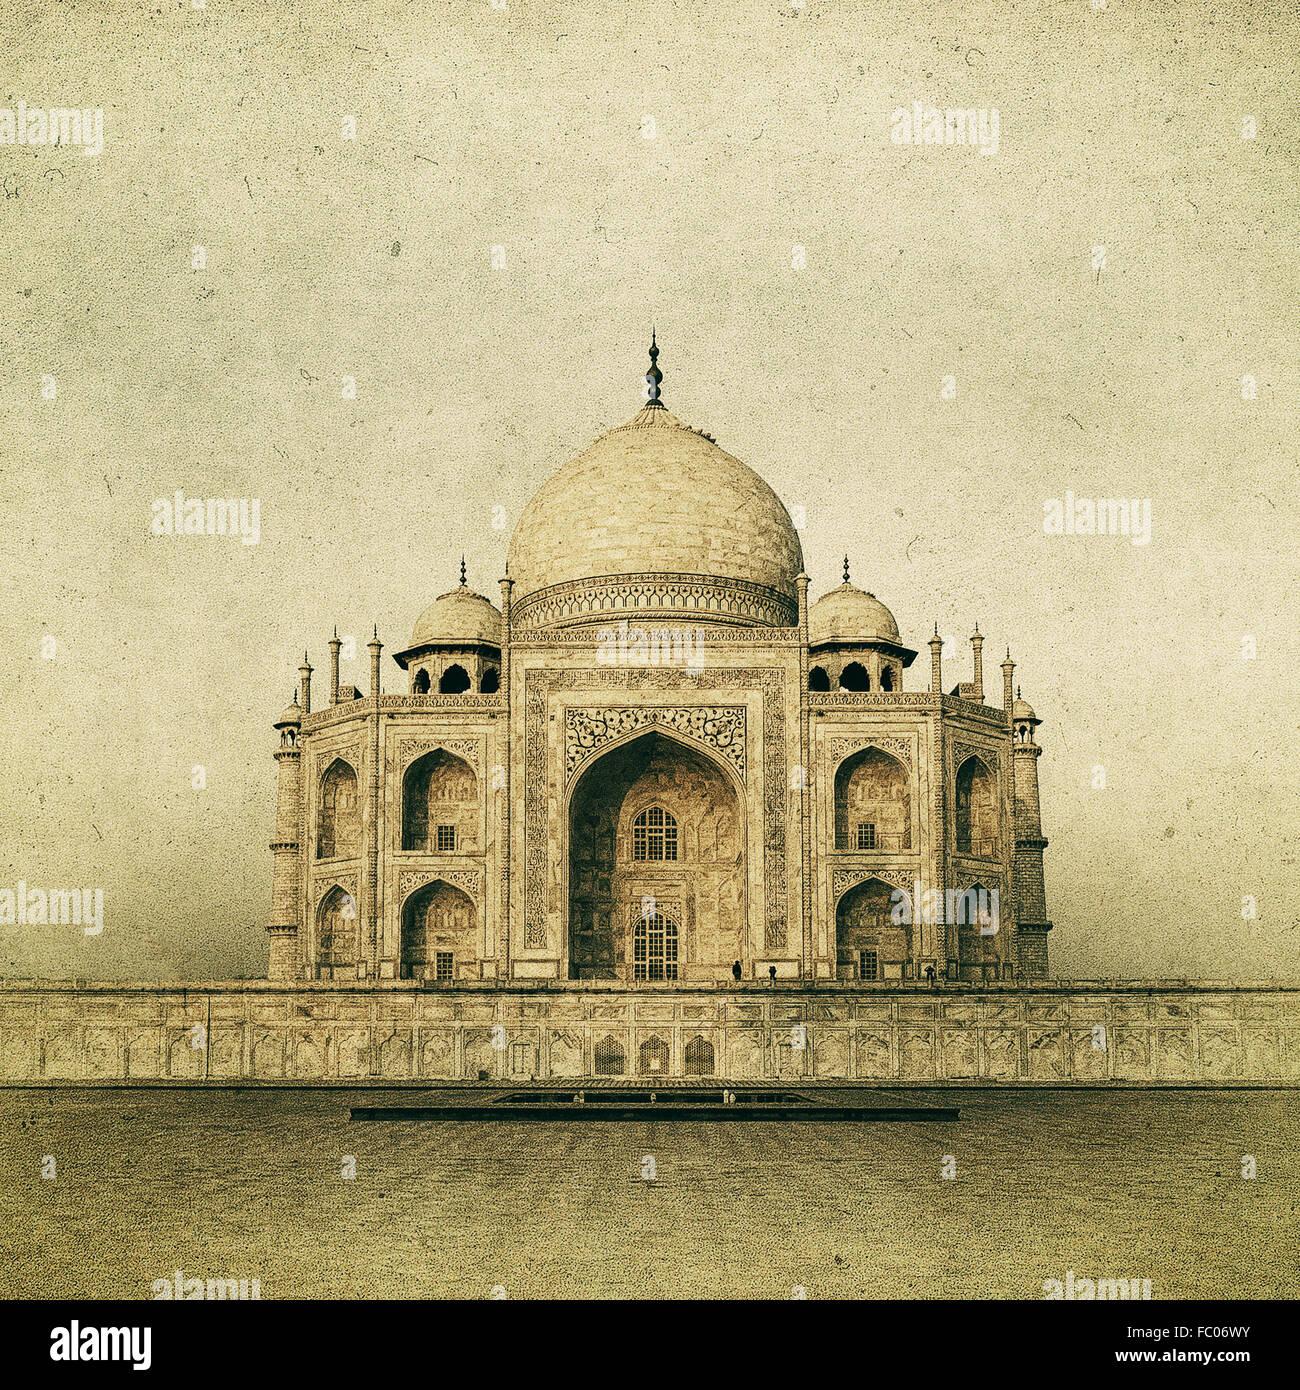 Vintage image of Taj Mahal at sunrise, Agra, India - Stock Image